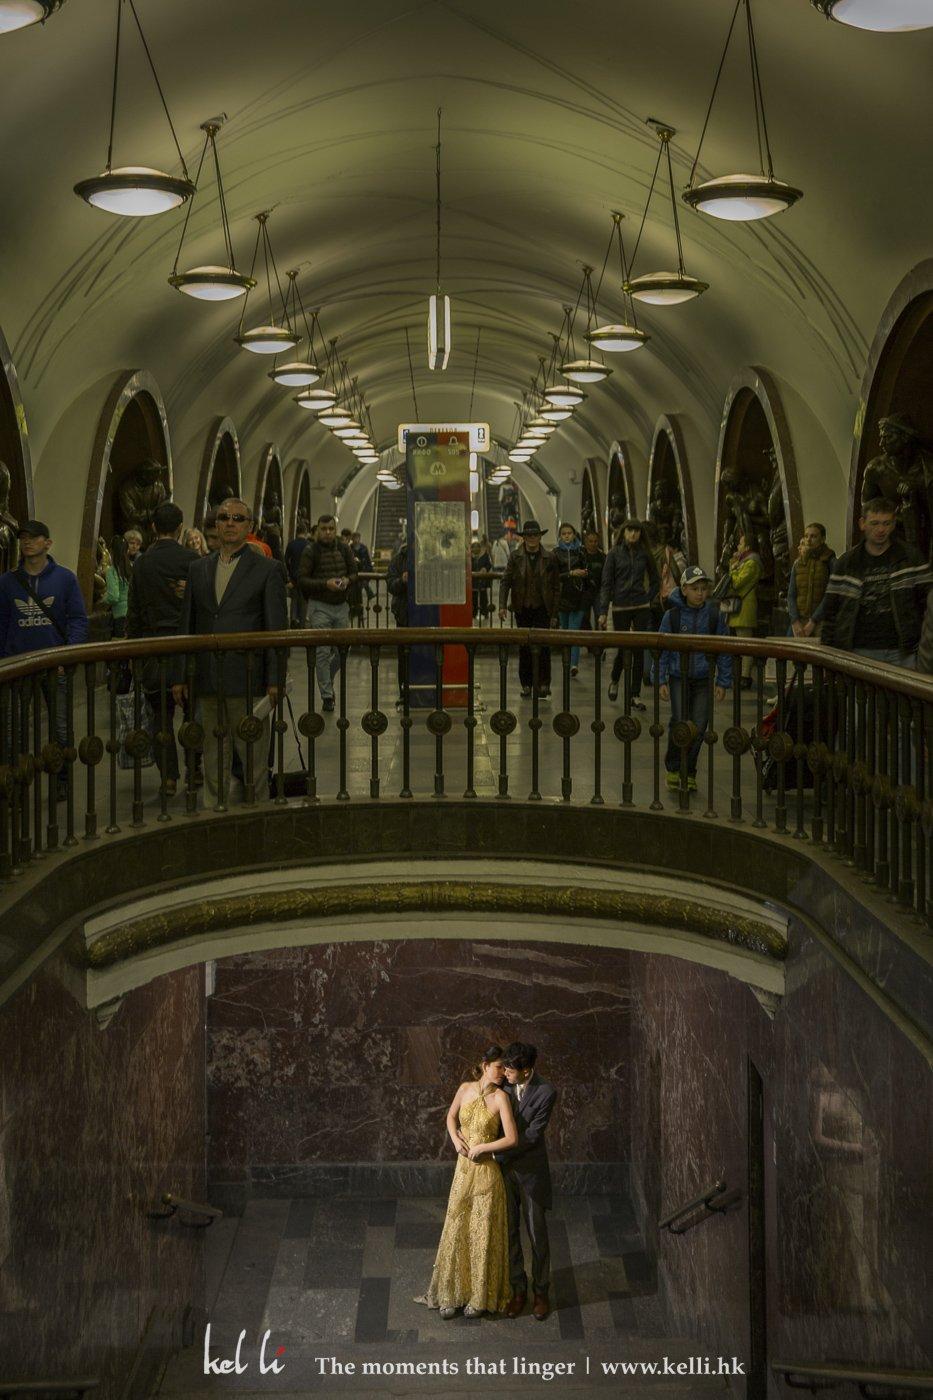 很有趣的畫面,上邊行人來來往往,下邊卻只有倆人的時刻